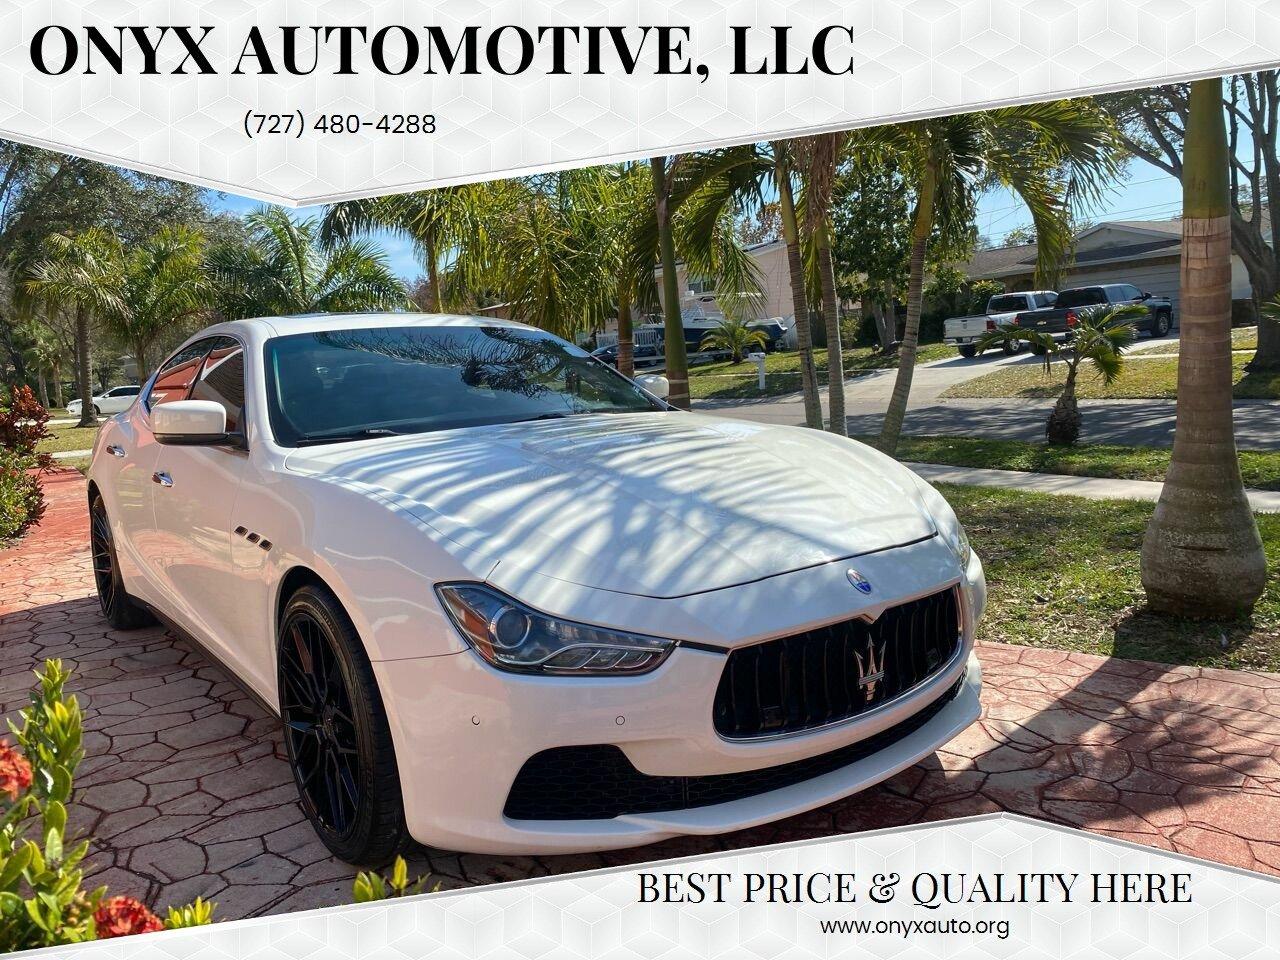 ONYX AUTOMOTIVE, LLC